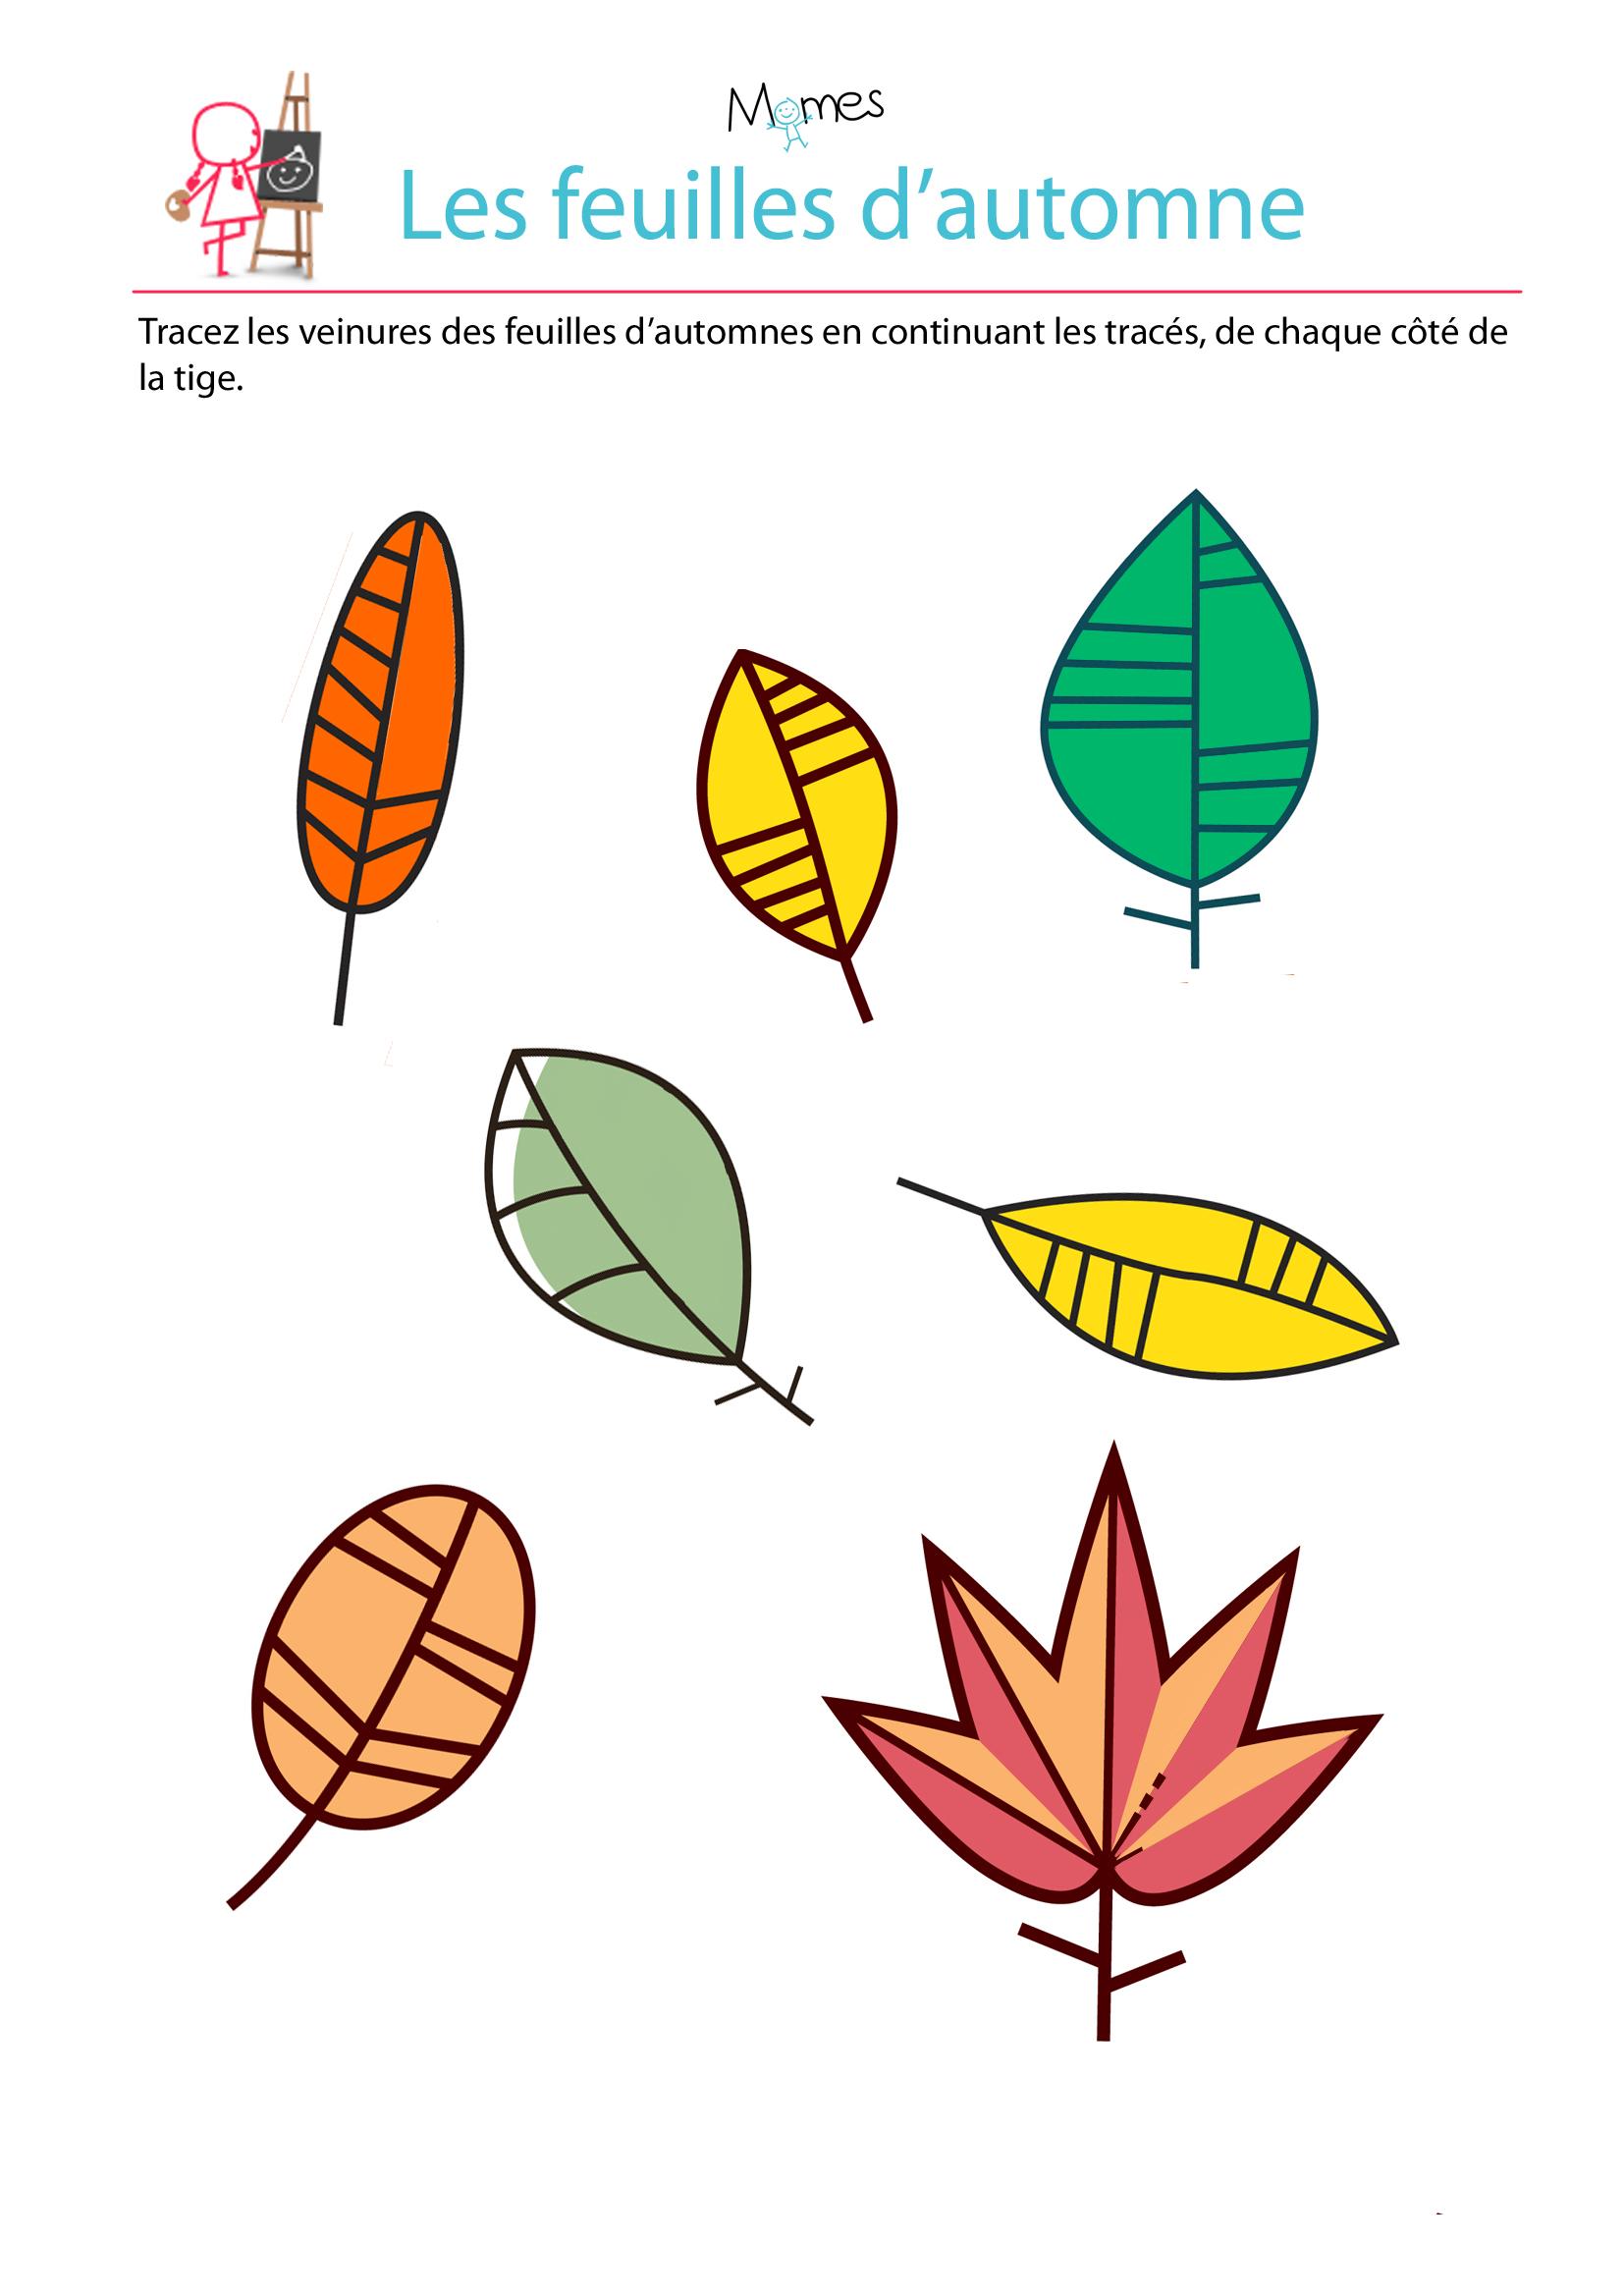 reproduction sym trique les feuilles d 39 automne. Black Bedroom Furniture Sets. Home Design Ideas